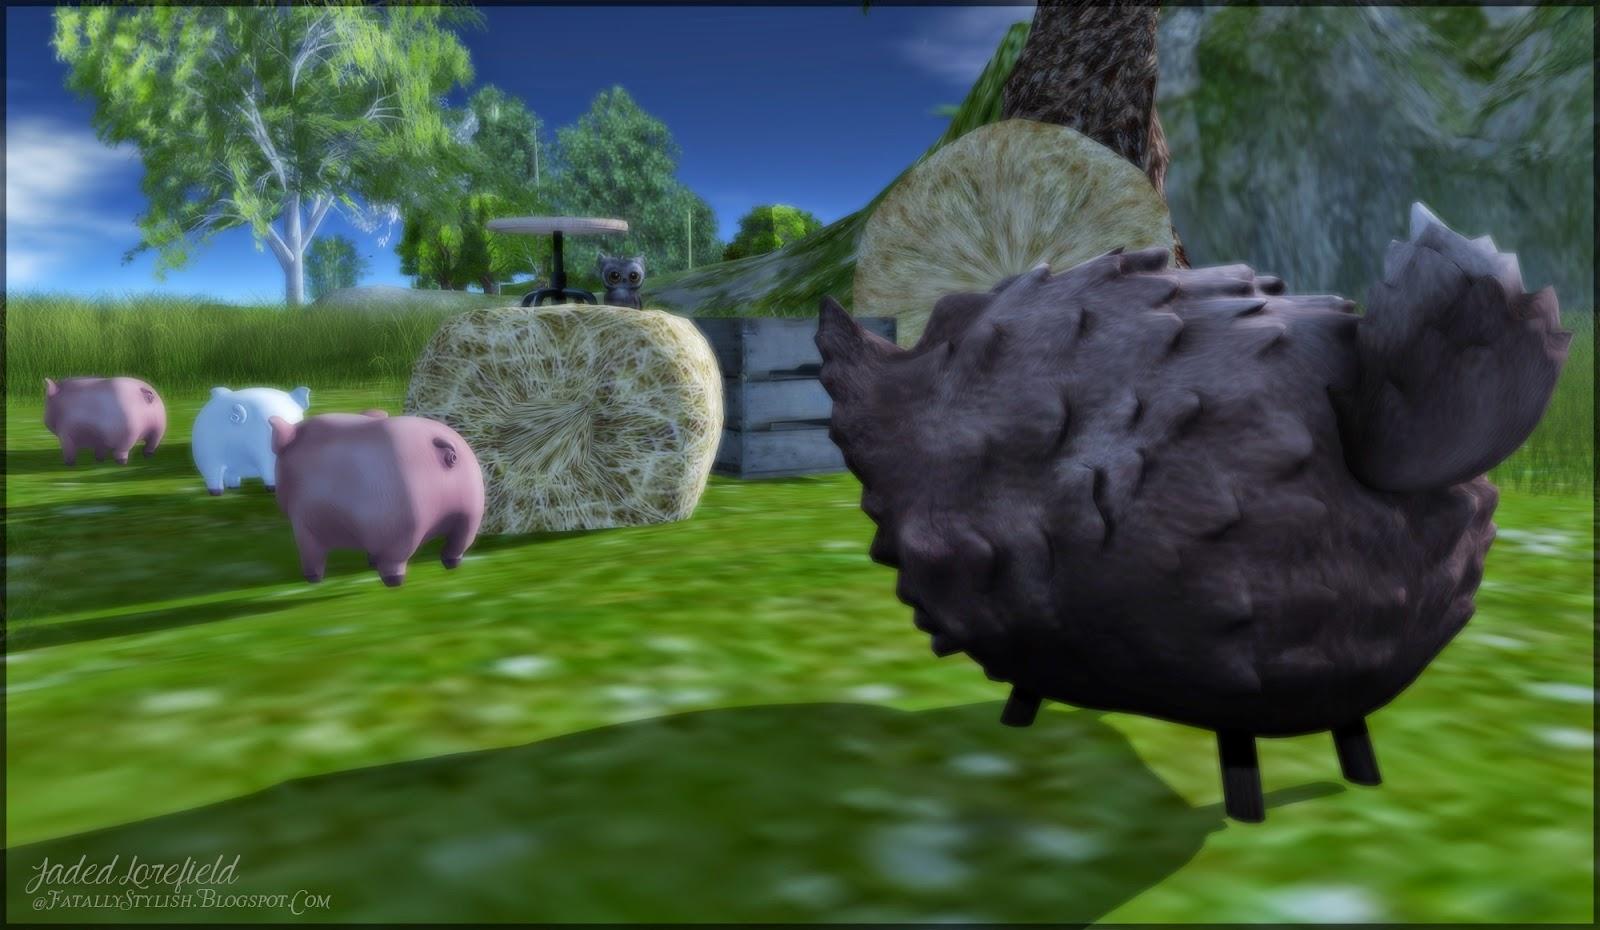 Black Hair Blahblahblah Blue Eyes Close Cross Necklace: .Little Pig, Little Pig.